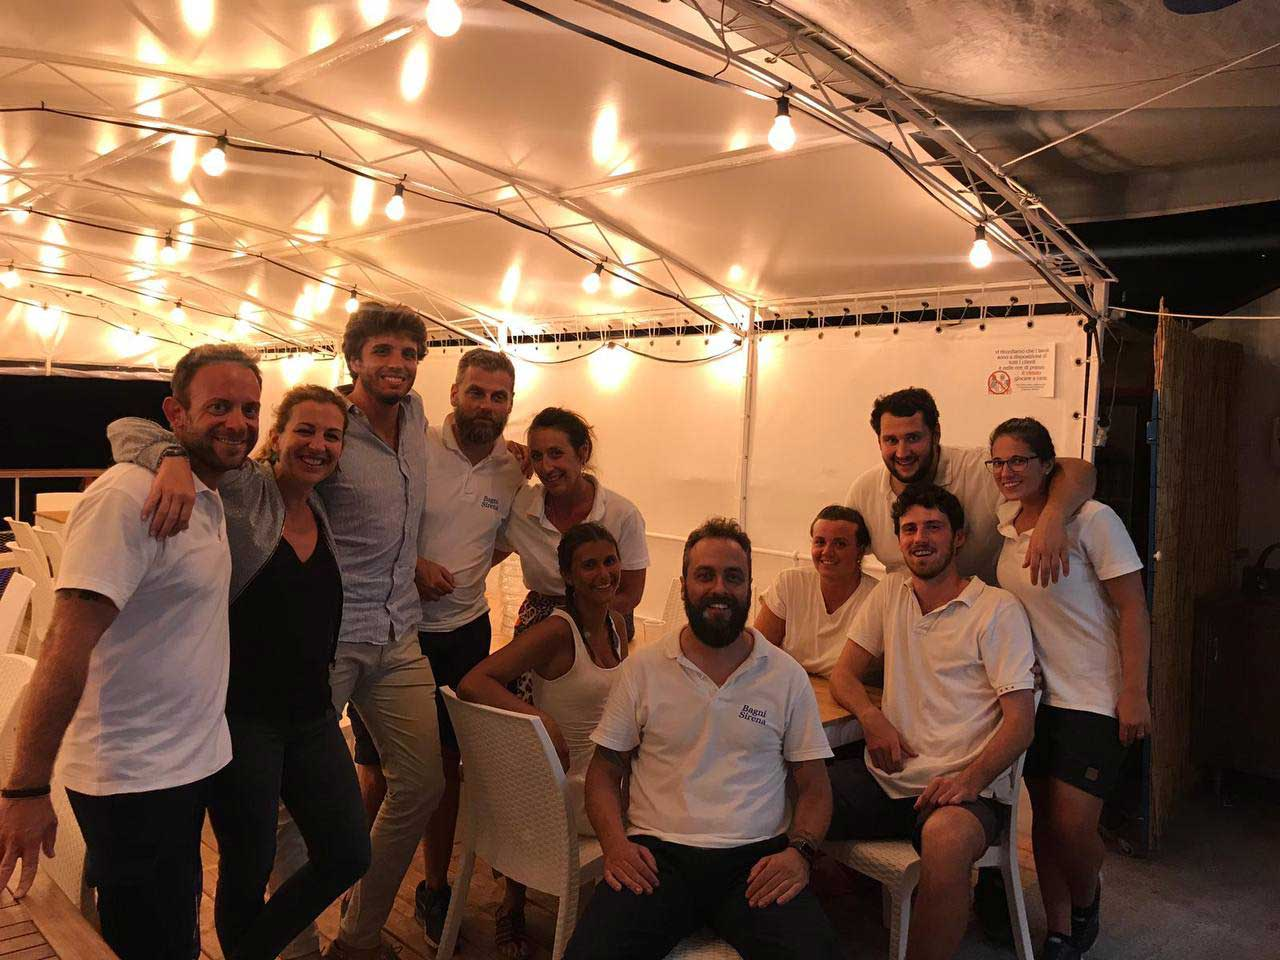 Staff ferragosto Bagni Sirena 2019